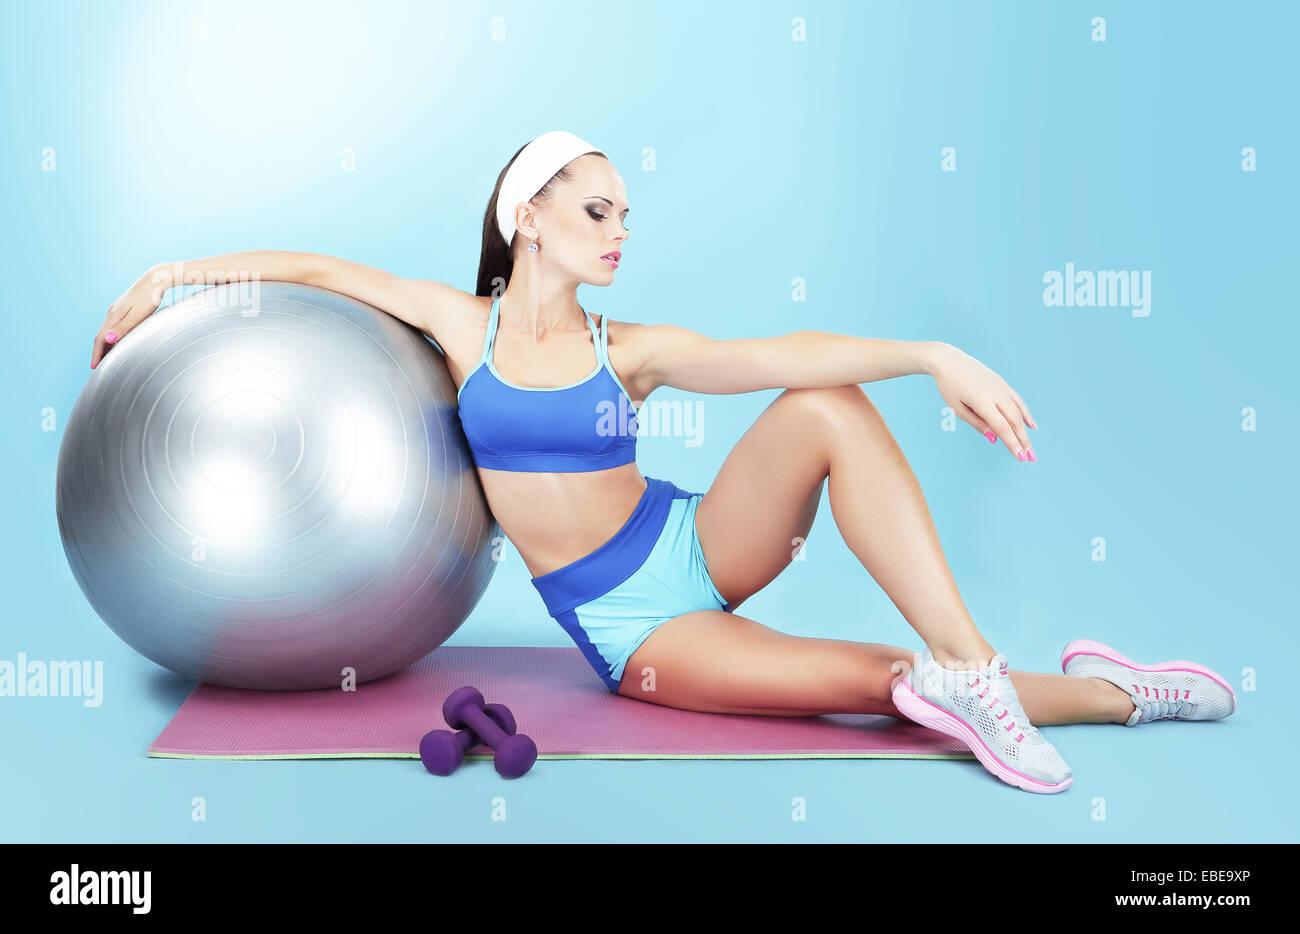 Di riposo. Sportive con attrezzature sportive - una sfera di Fitness e manubri Immagini Stock